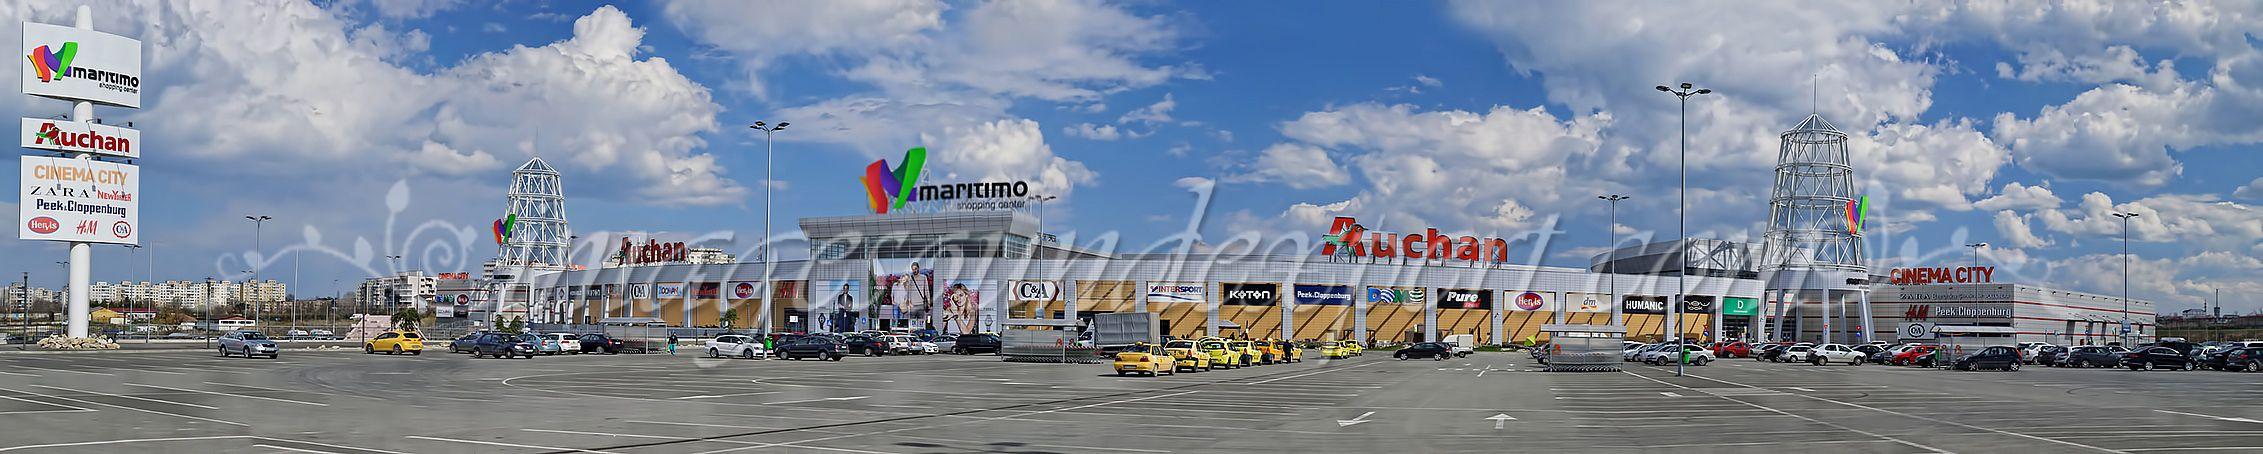 Maritimo Shopping Center in Constanța, Constanța